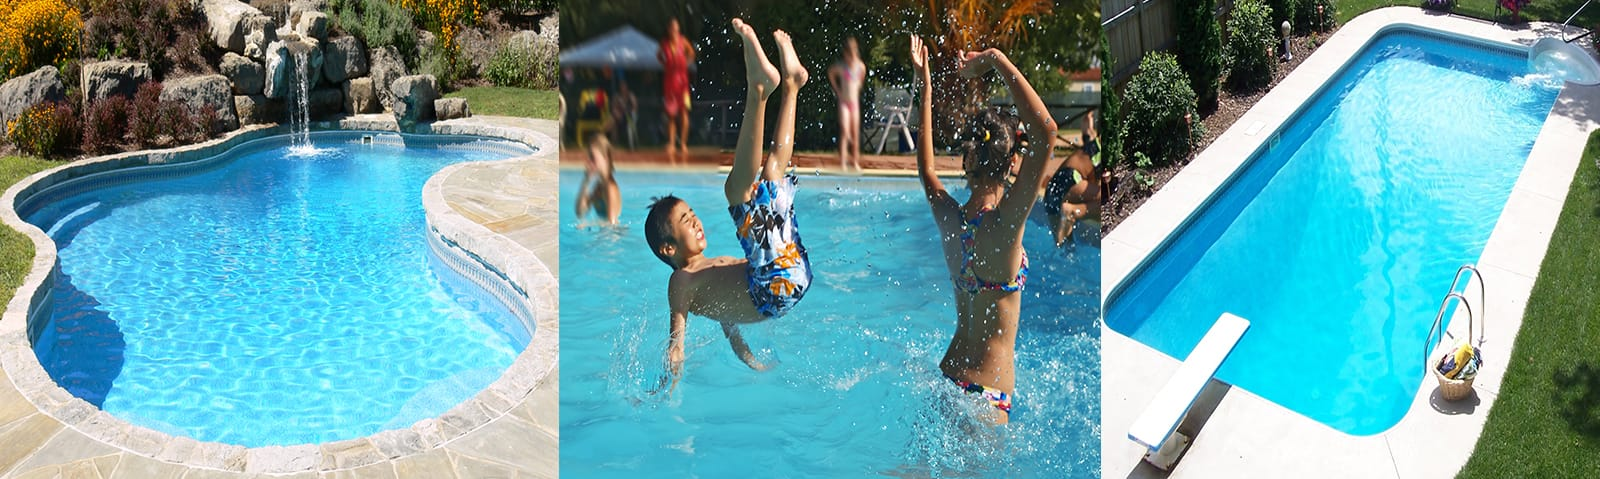 Best Inground Pool Kit Price Guarantee